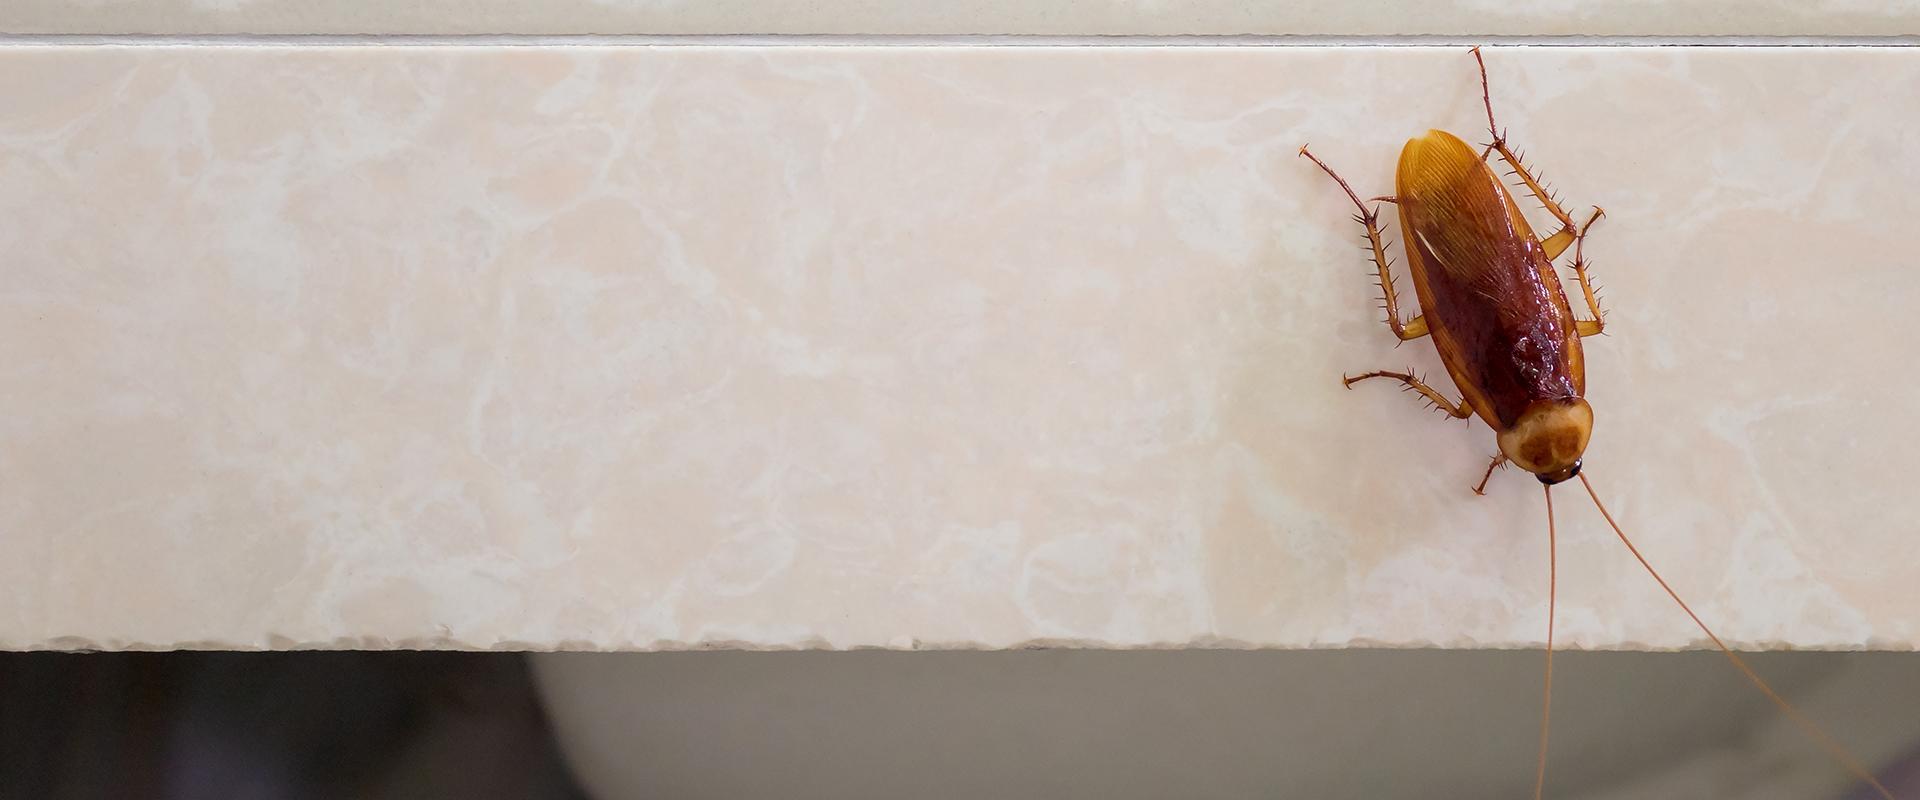 cockroach crawling on bathroom sink